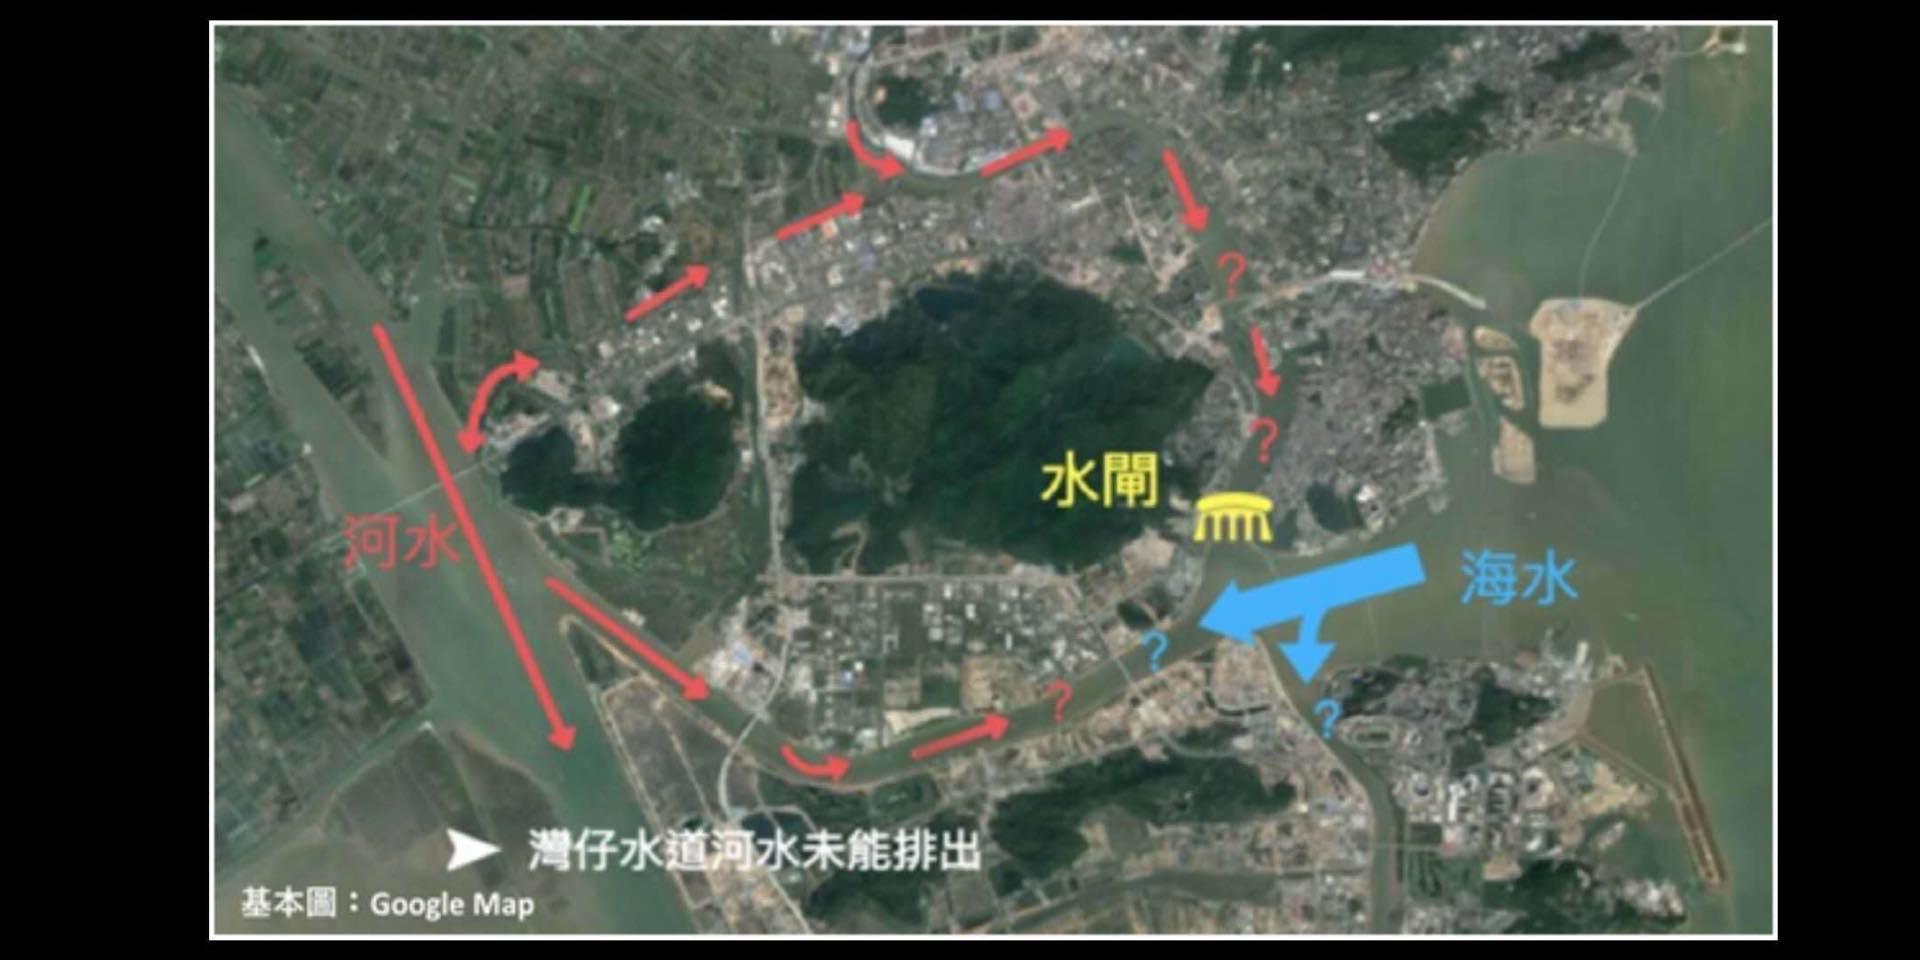 Cheias | Barreira no Porto Interior pode inundar Zhuhai, diz engenheiro